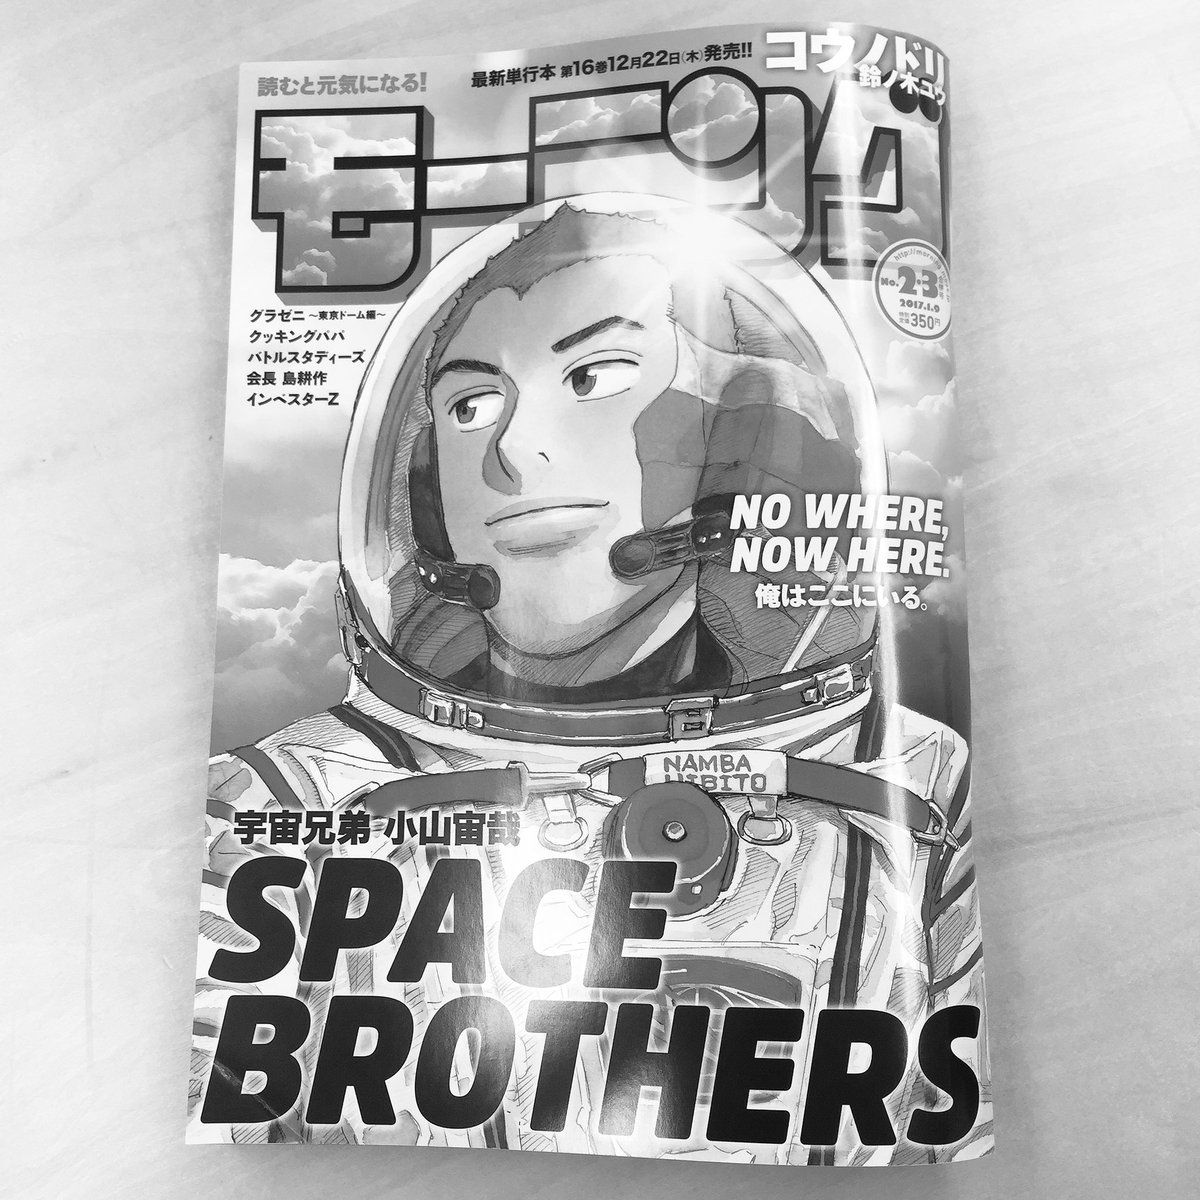 今日のモーニングは #宇宙兄弟 が巻頭カラー&表紙⭐︎めーーーっちゃヒビトがかっこいい。白黒にしてもかっこいい。保存用を